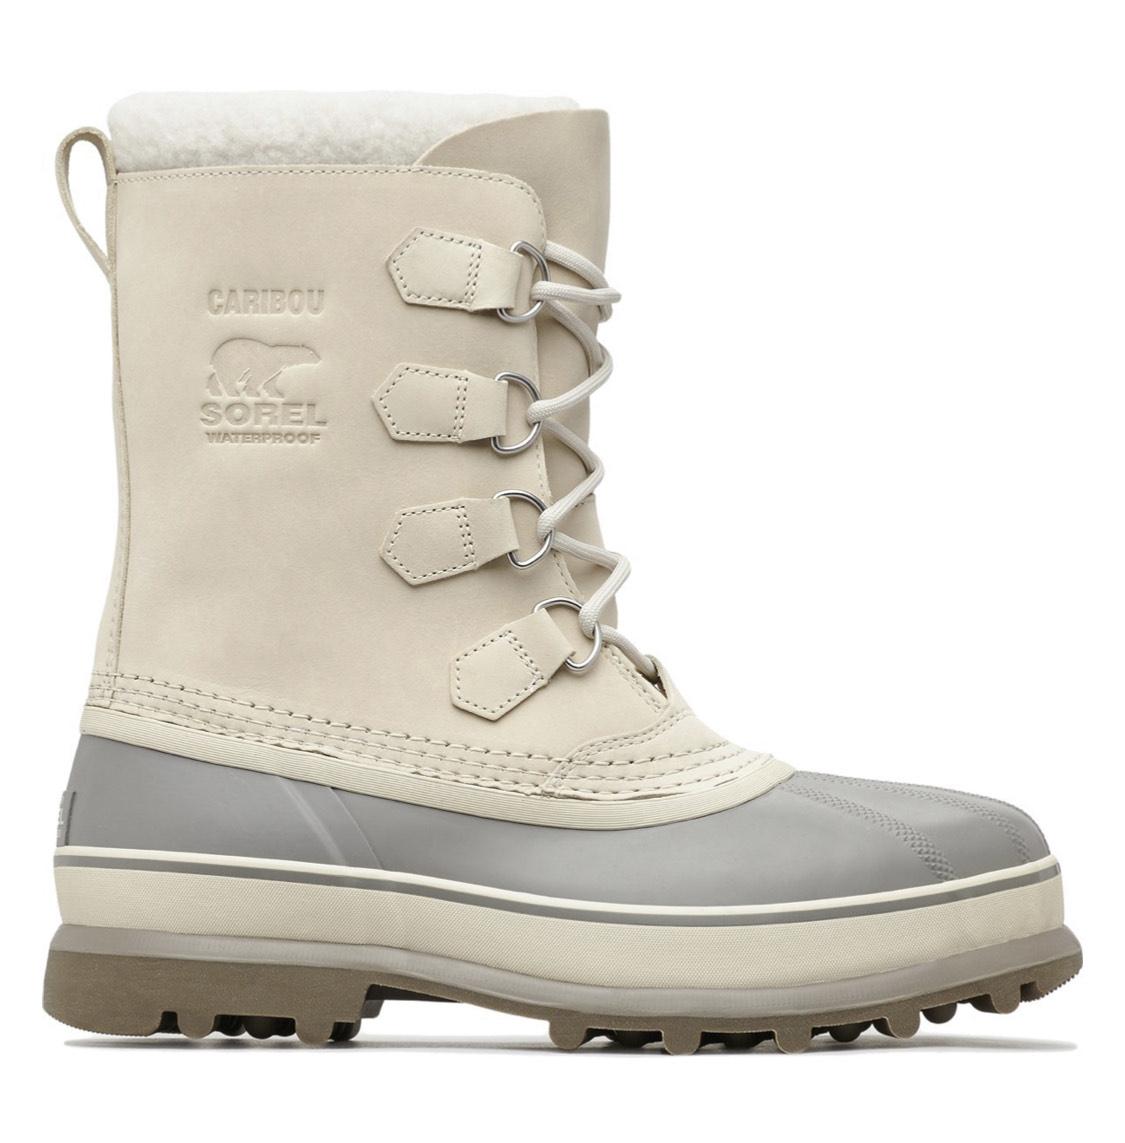 Sorel Caribou snowboots maat 45 en 47 @ Bol.com